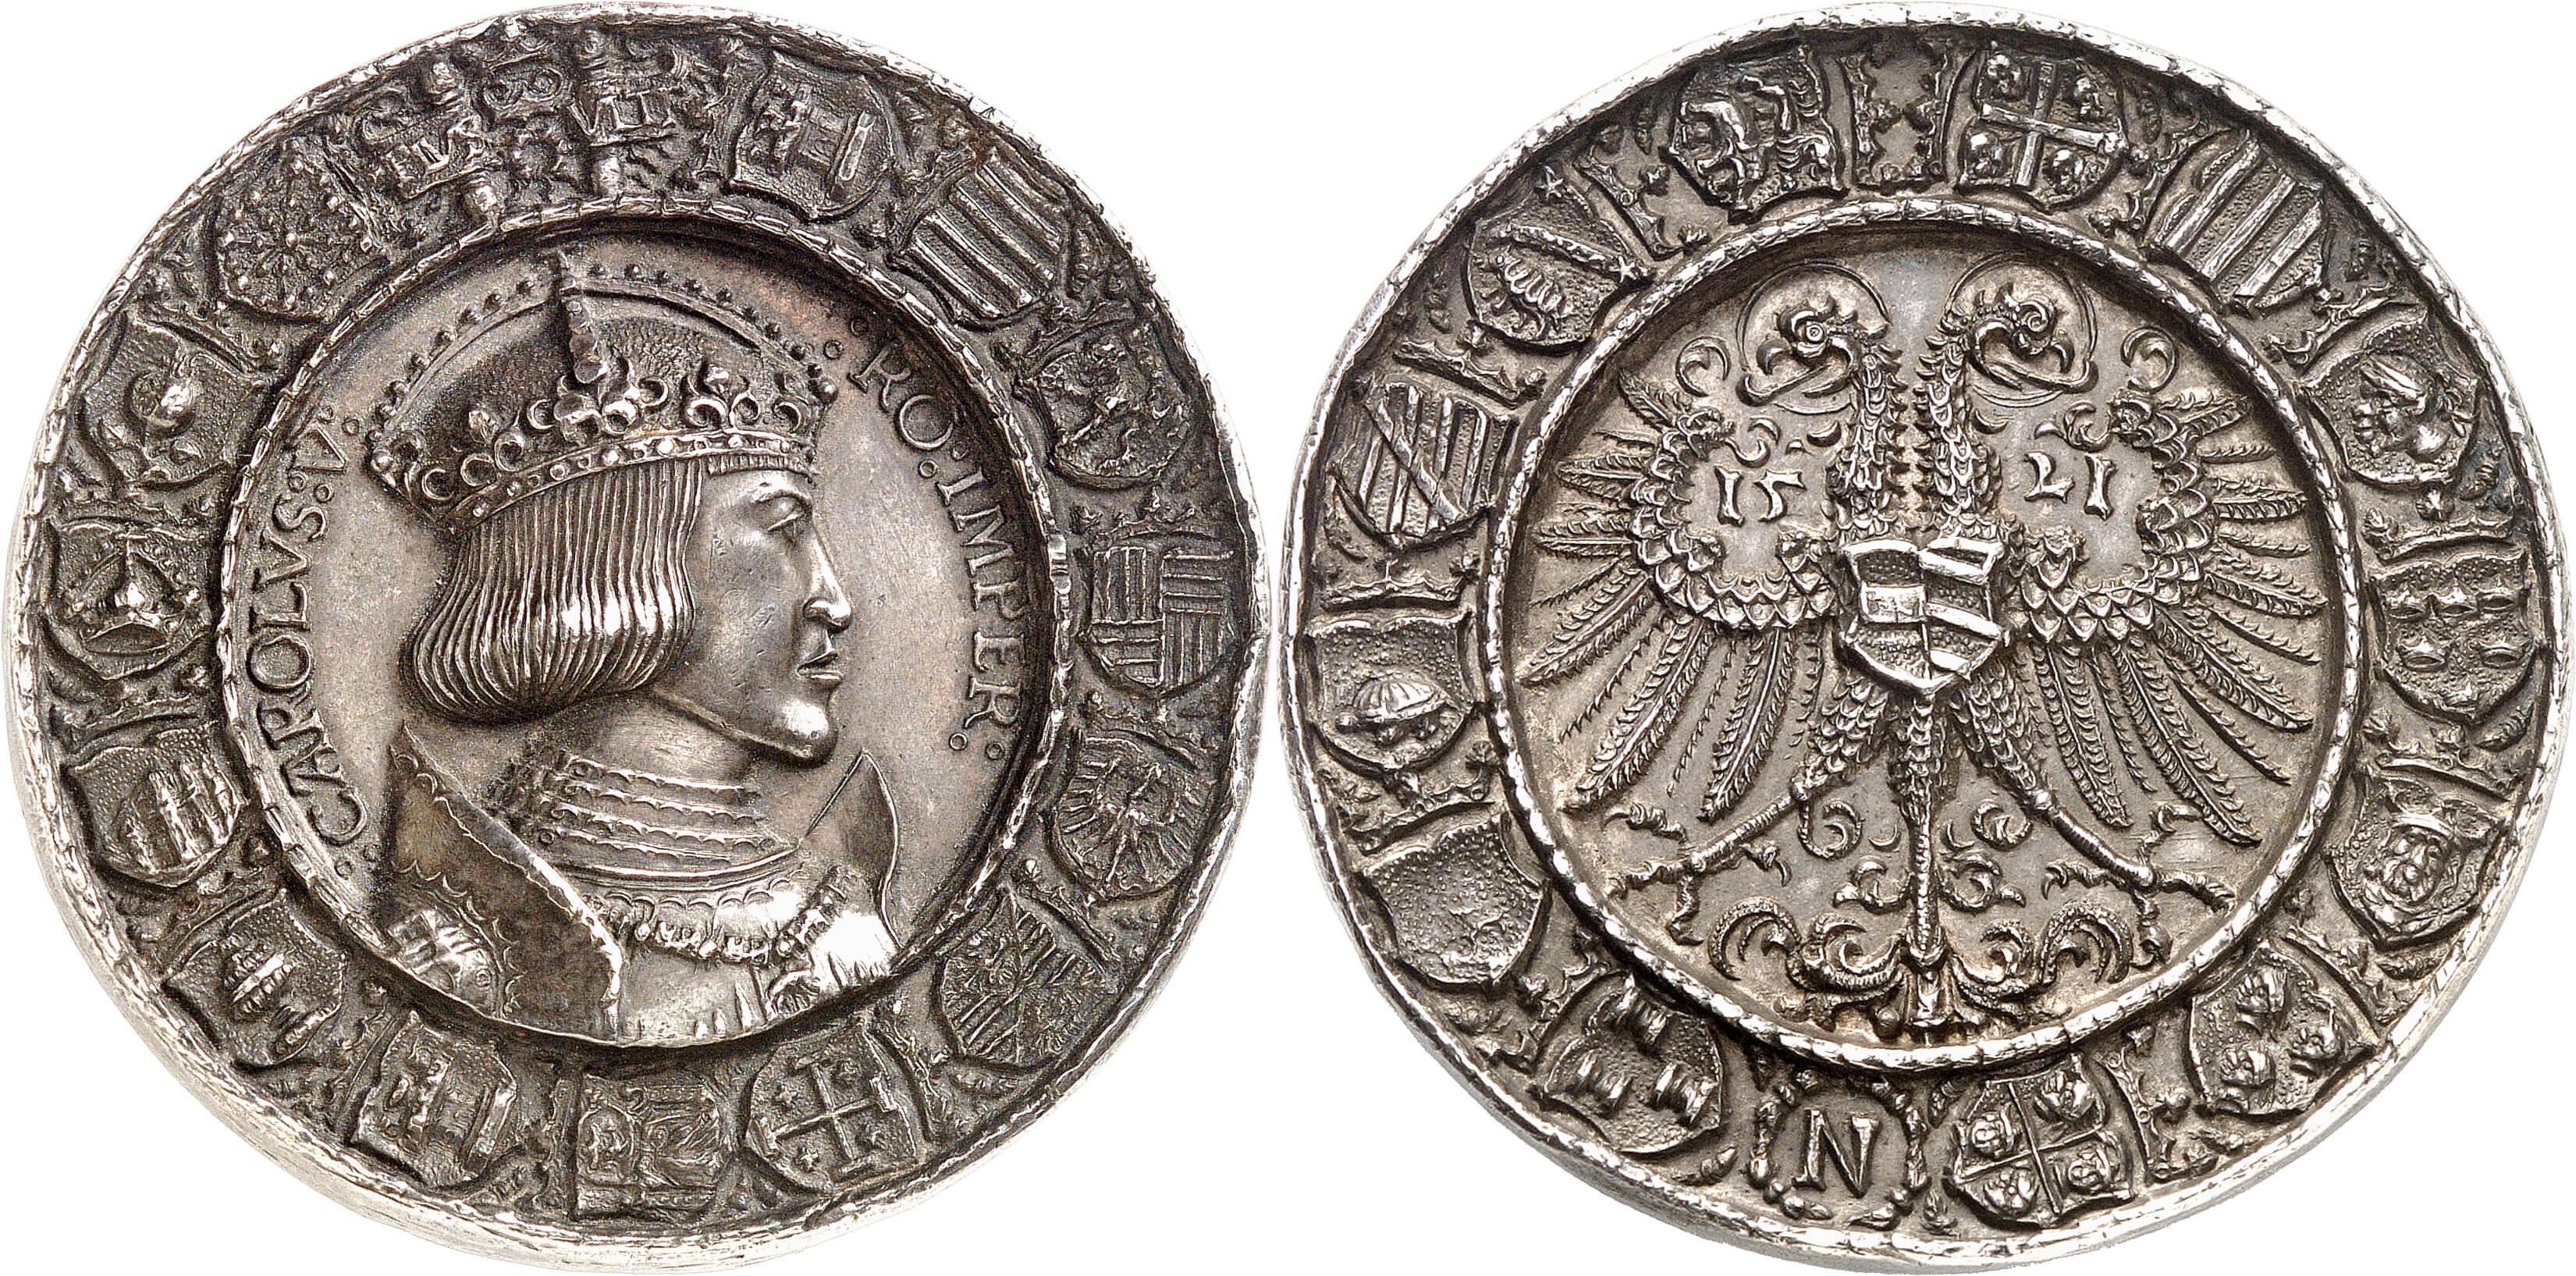 Künker D Osnabrück Coinsweekly